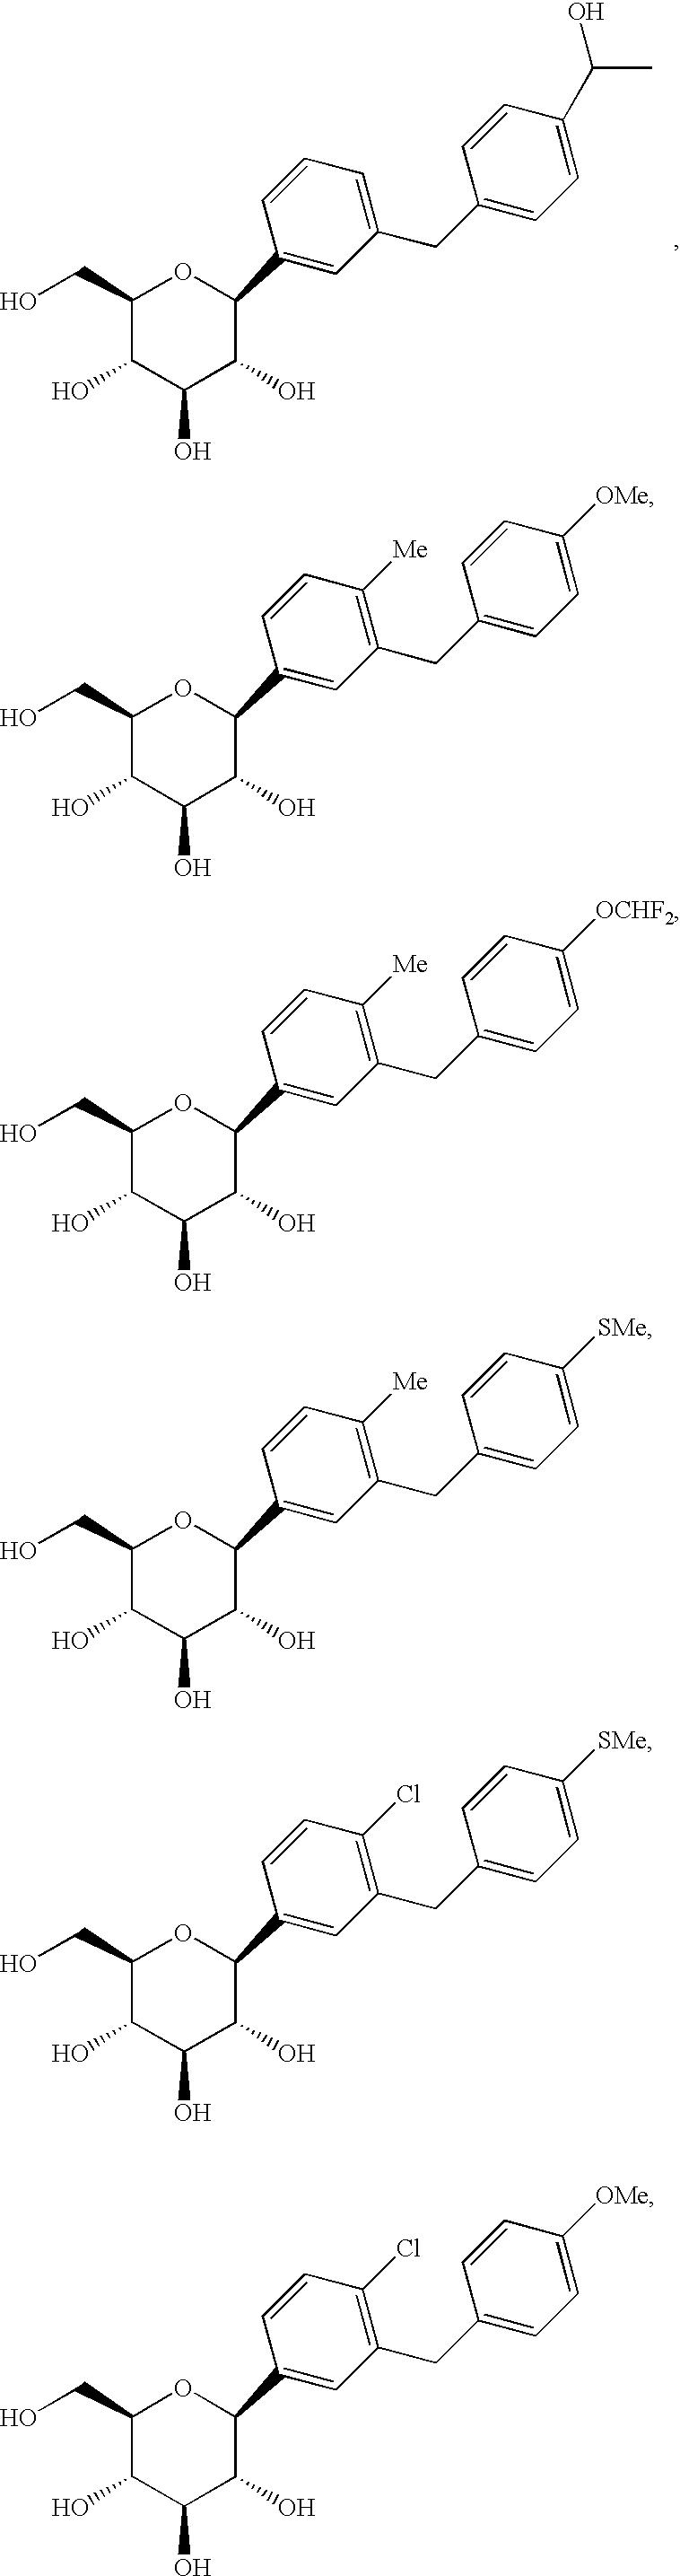 Figure US06414126-20020702-C00119